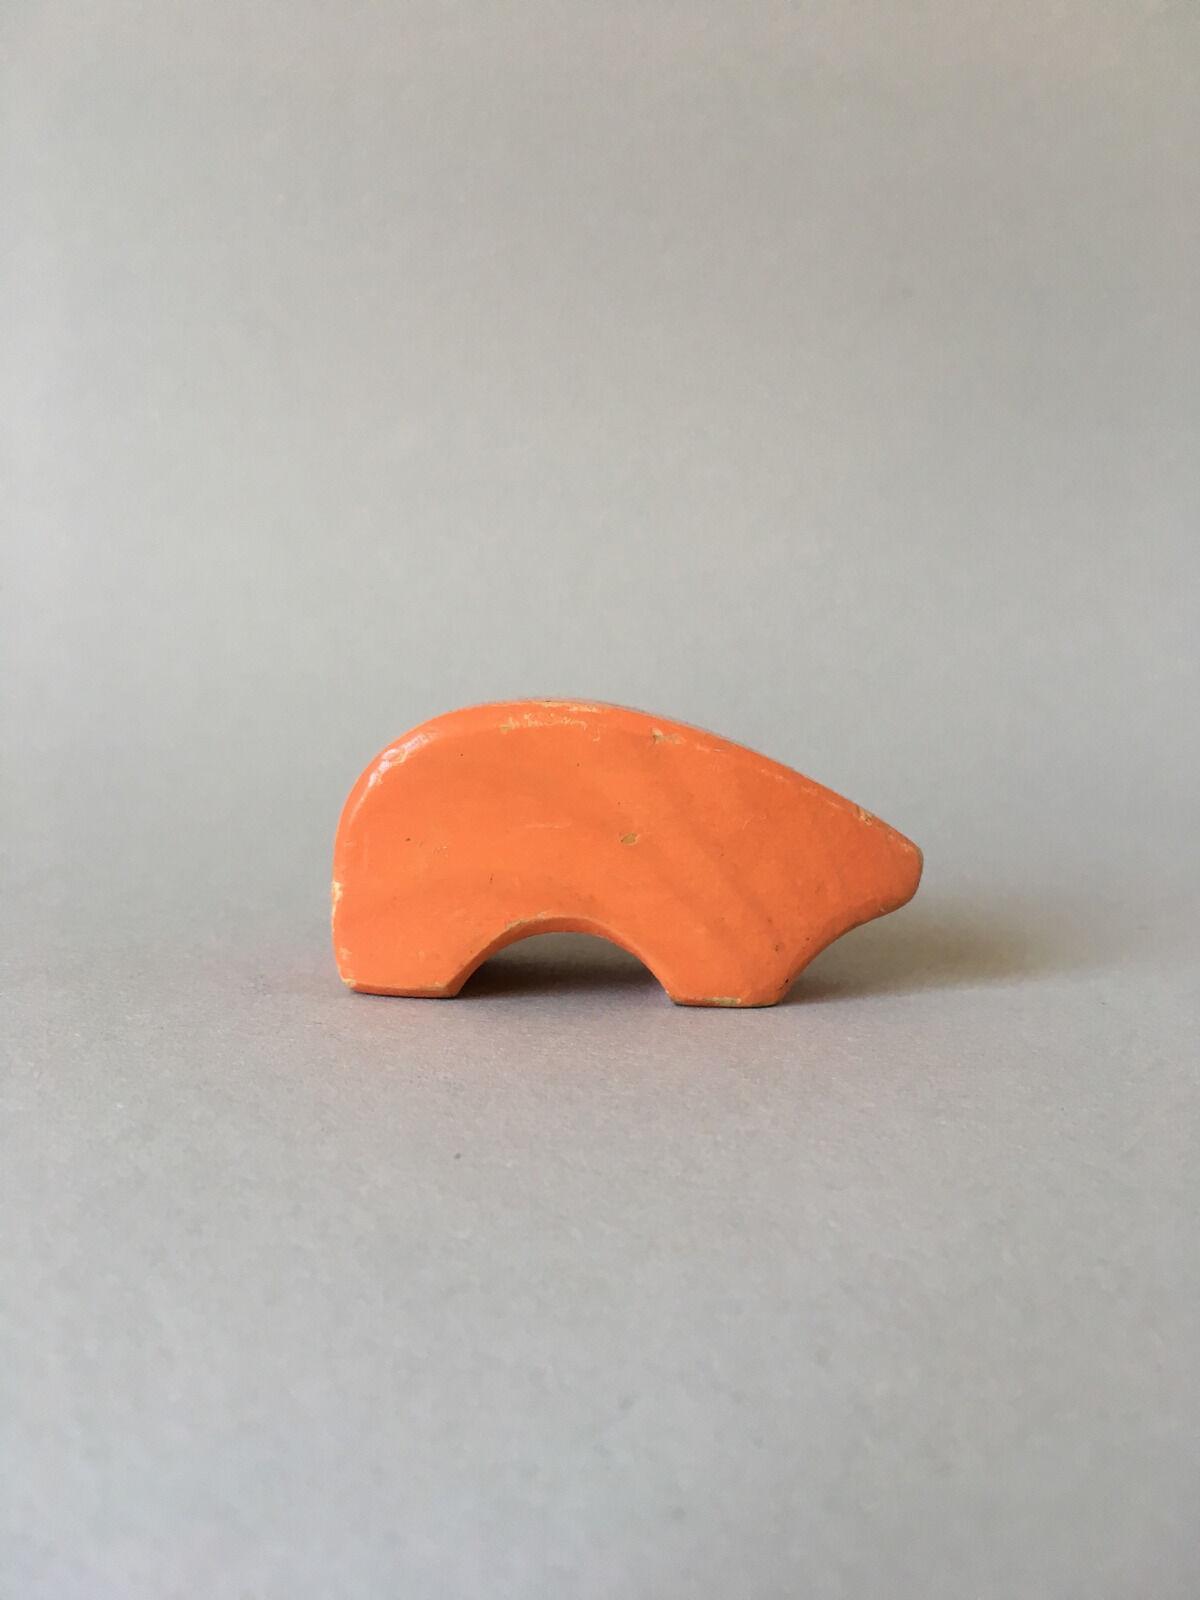 Antonio vitali hölzernen tier spielzeug schweinchen - jahrgang swiss design - sehr selten